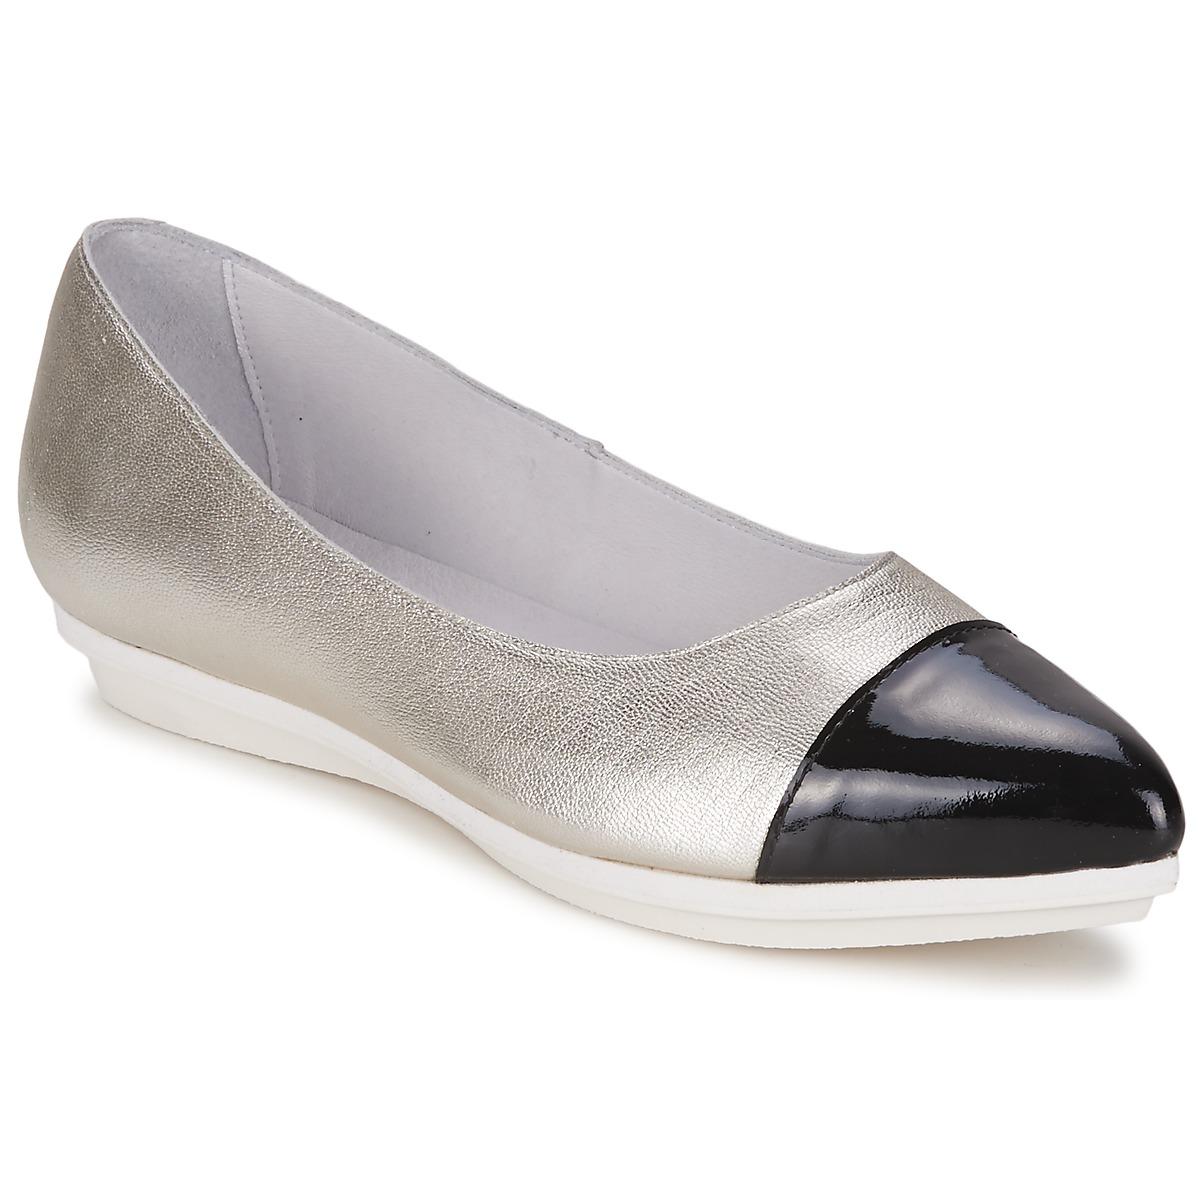 Ballerinas Alba Moda  Silver / Black